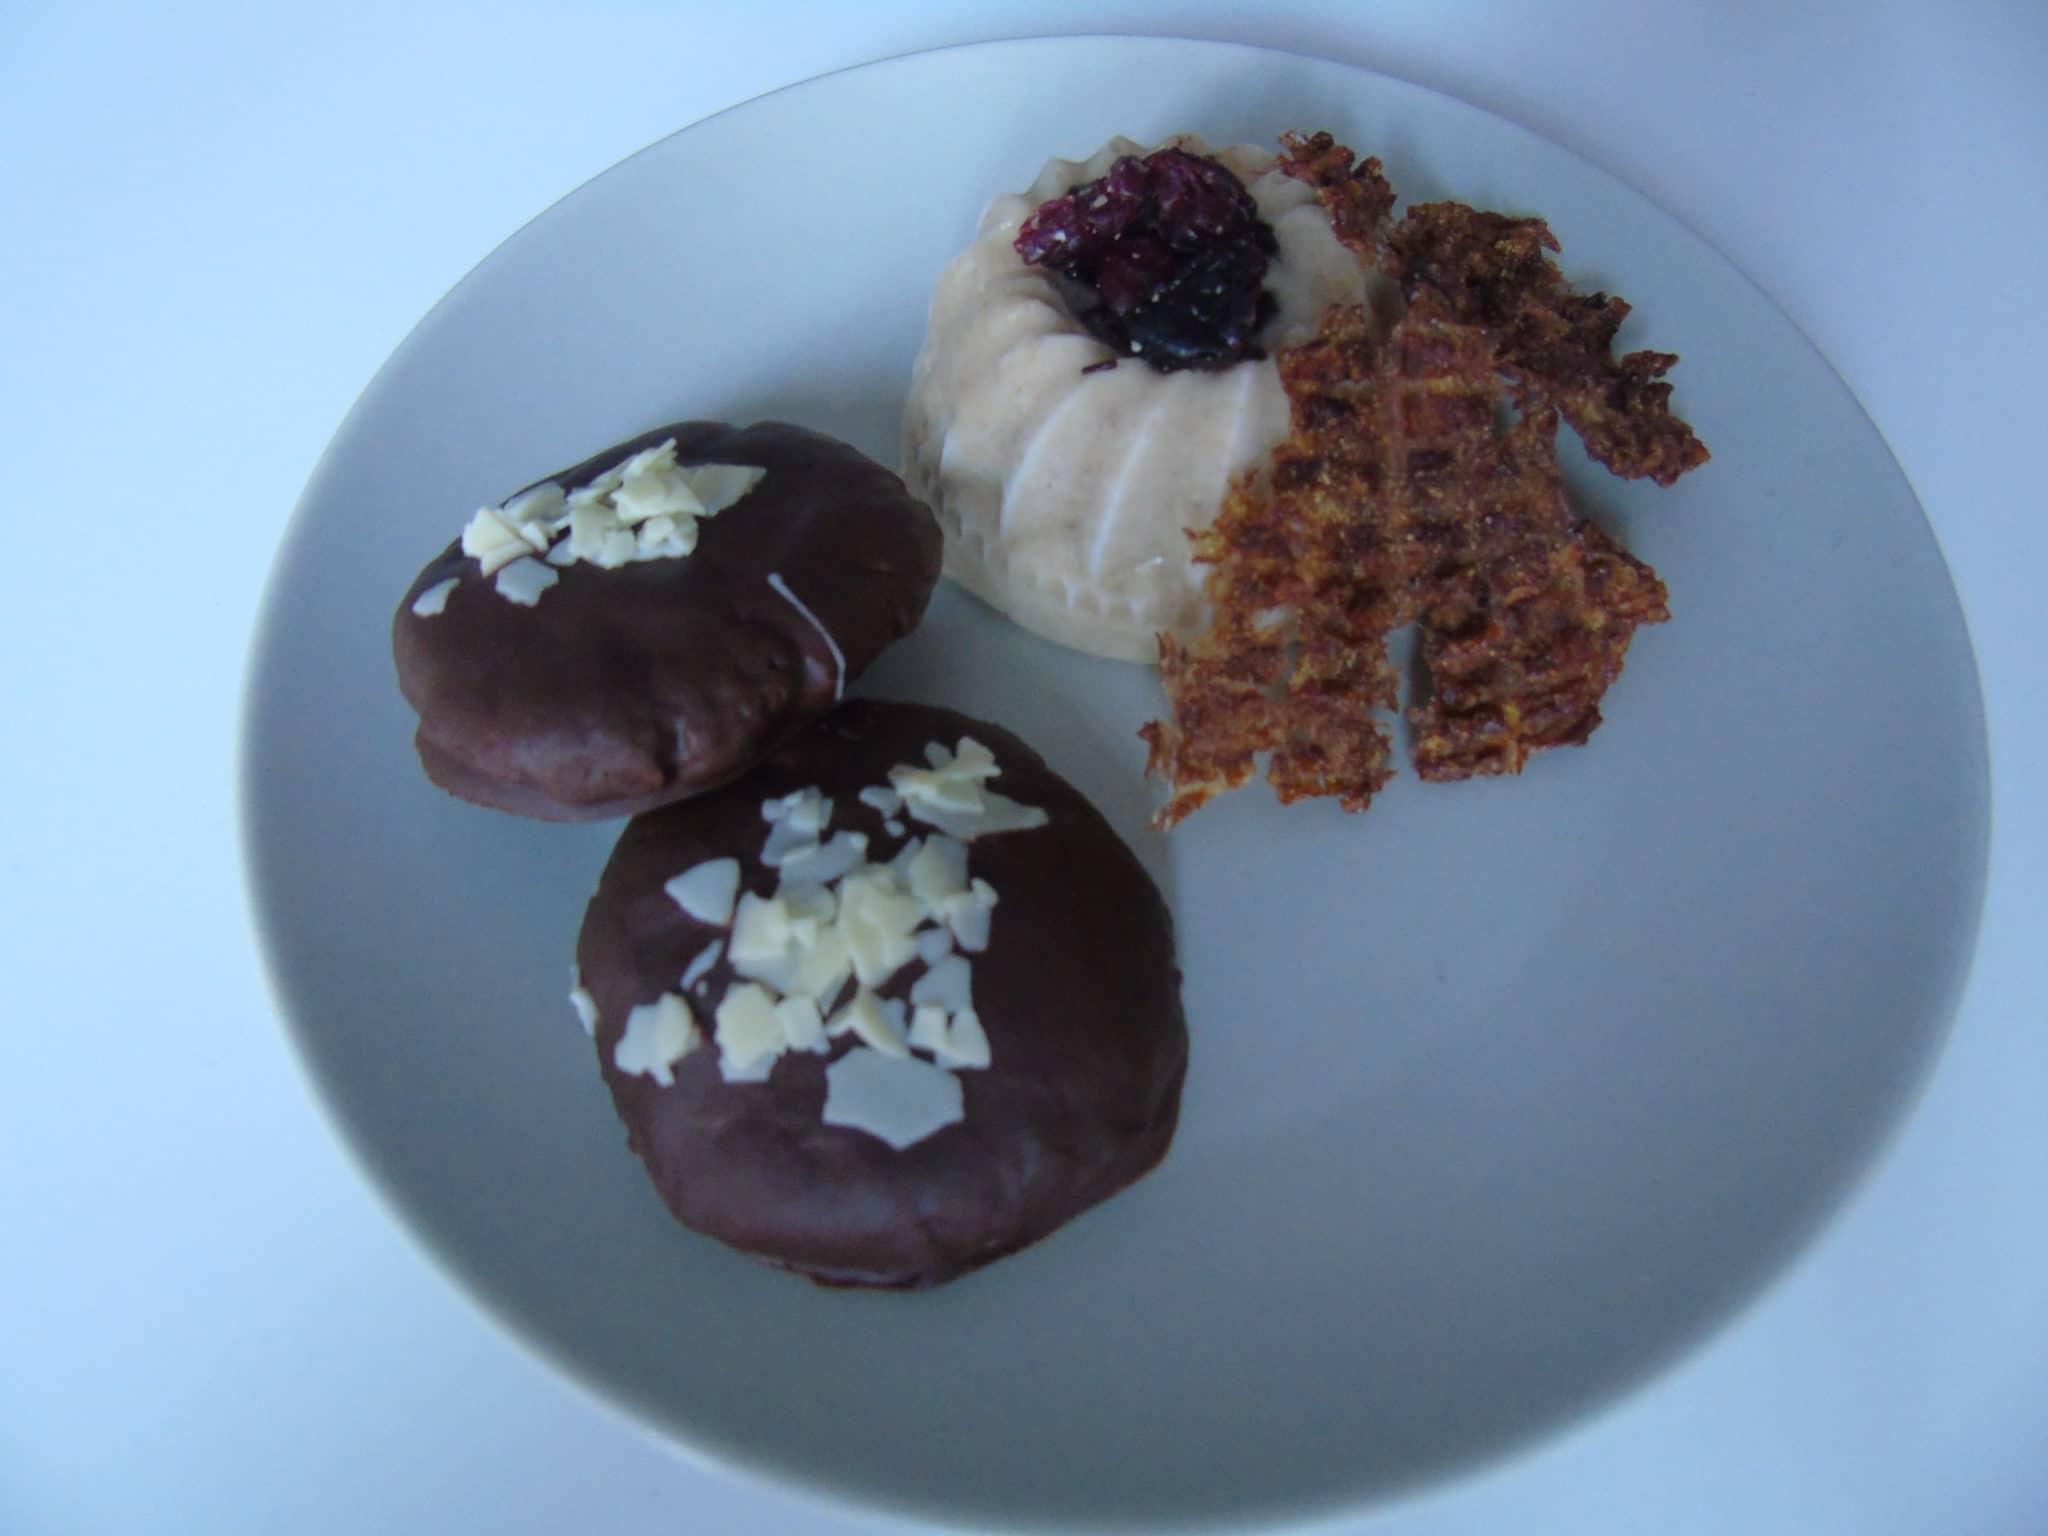 Helado de horchata con crujiente de pera y galletas de chufa y chocolate negro